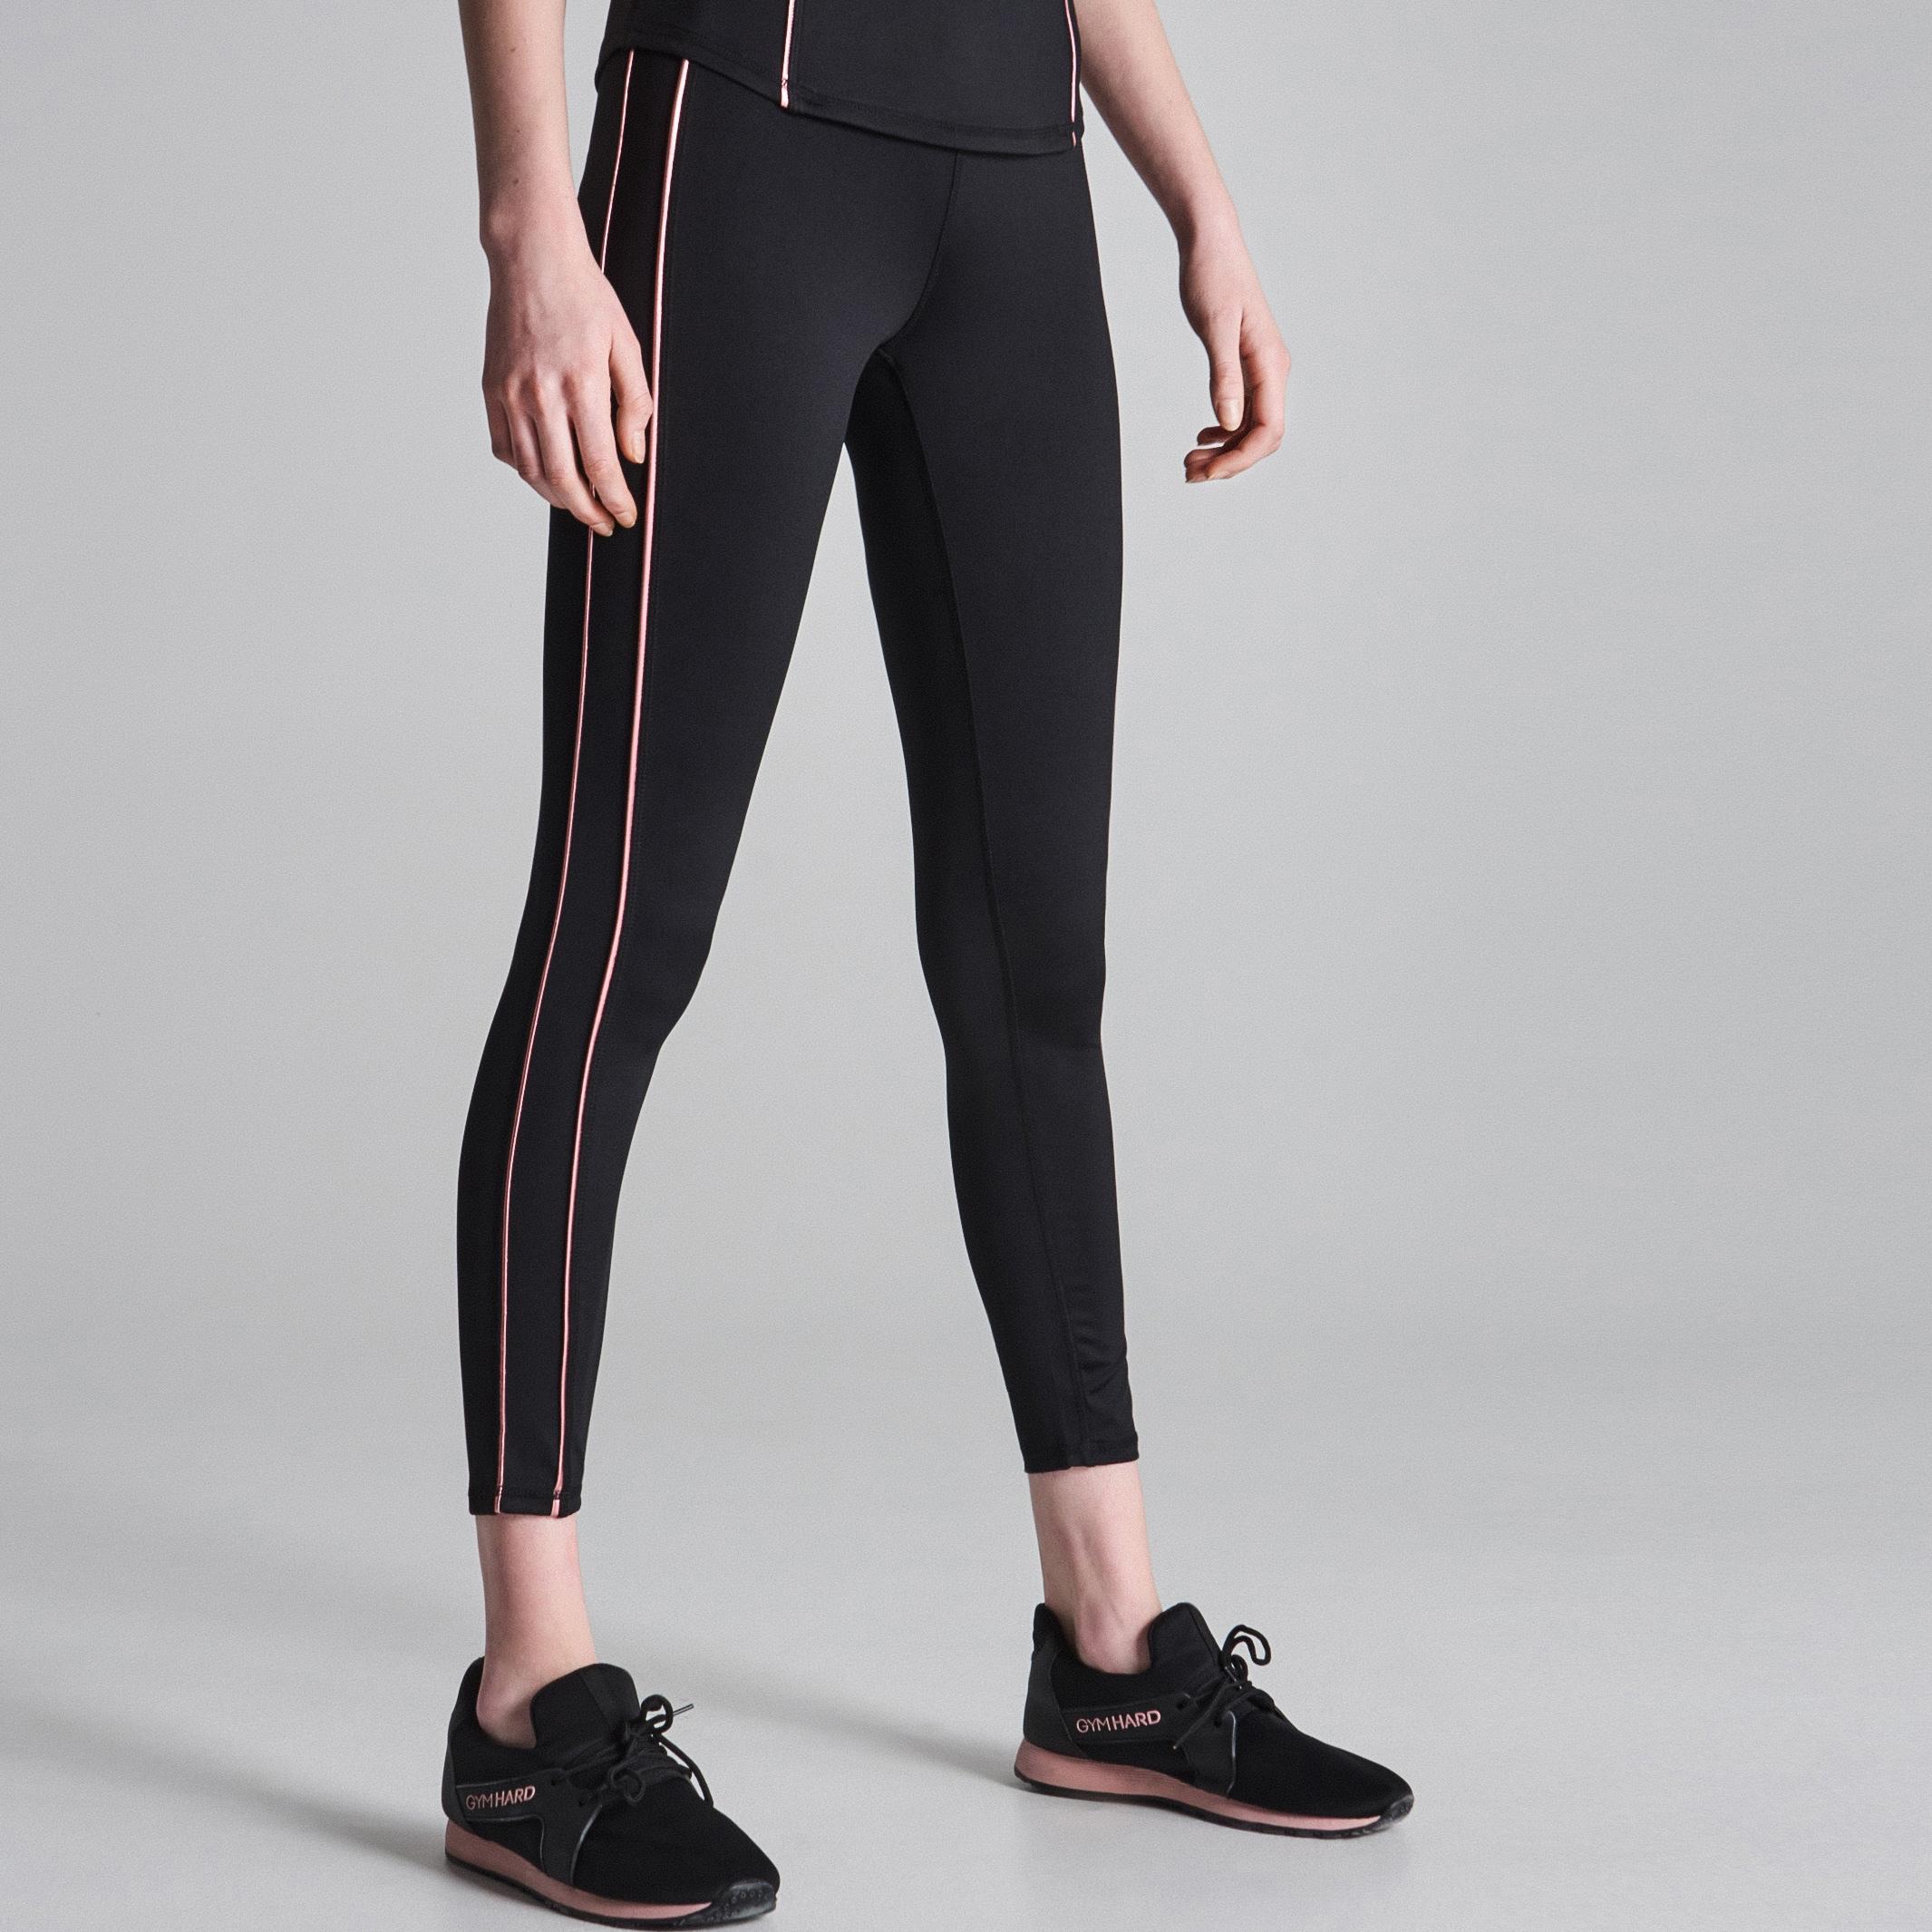 bb4304983 Sinsay - Legginsy Gym Hard - Czarny Spodnie - {Shoperia} Sinsay